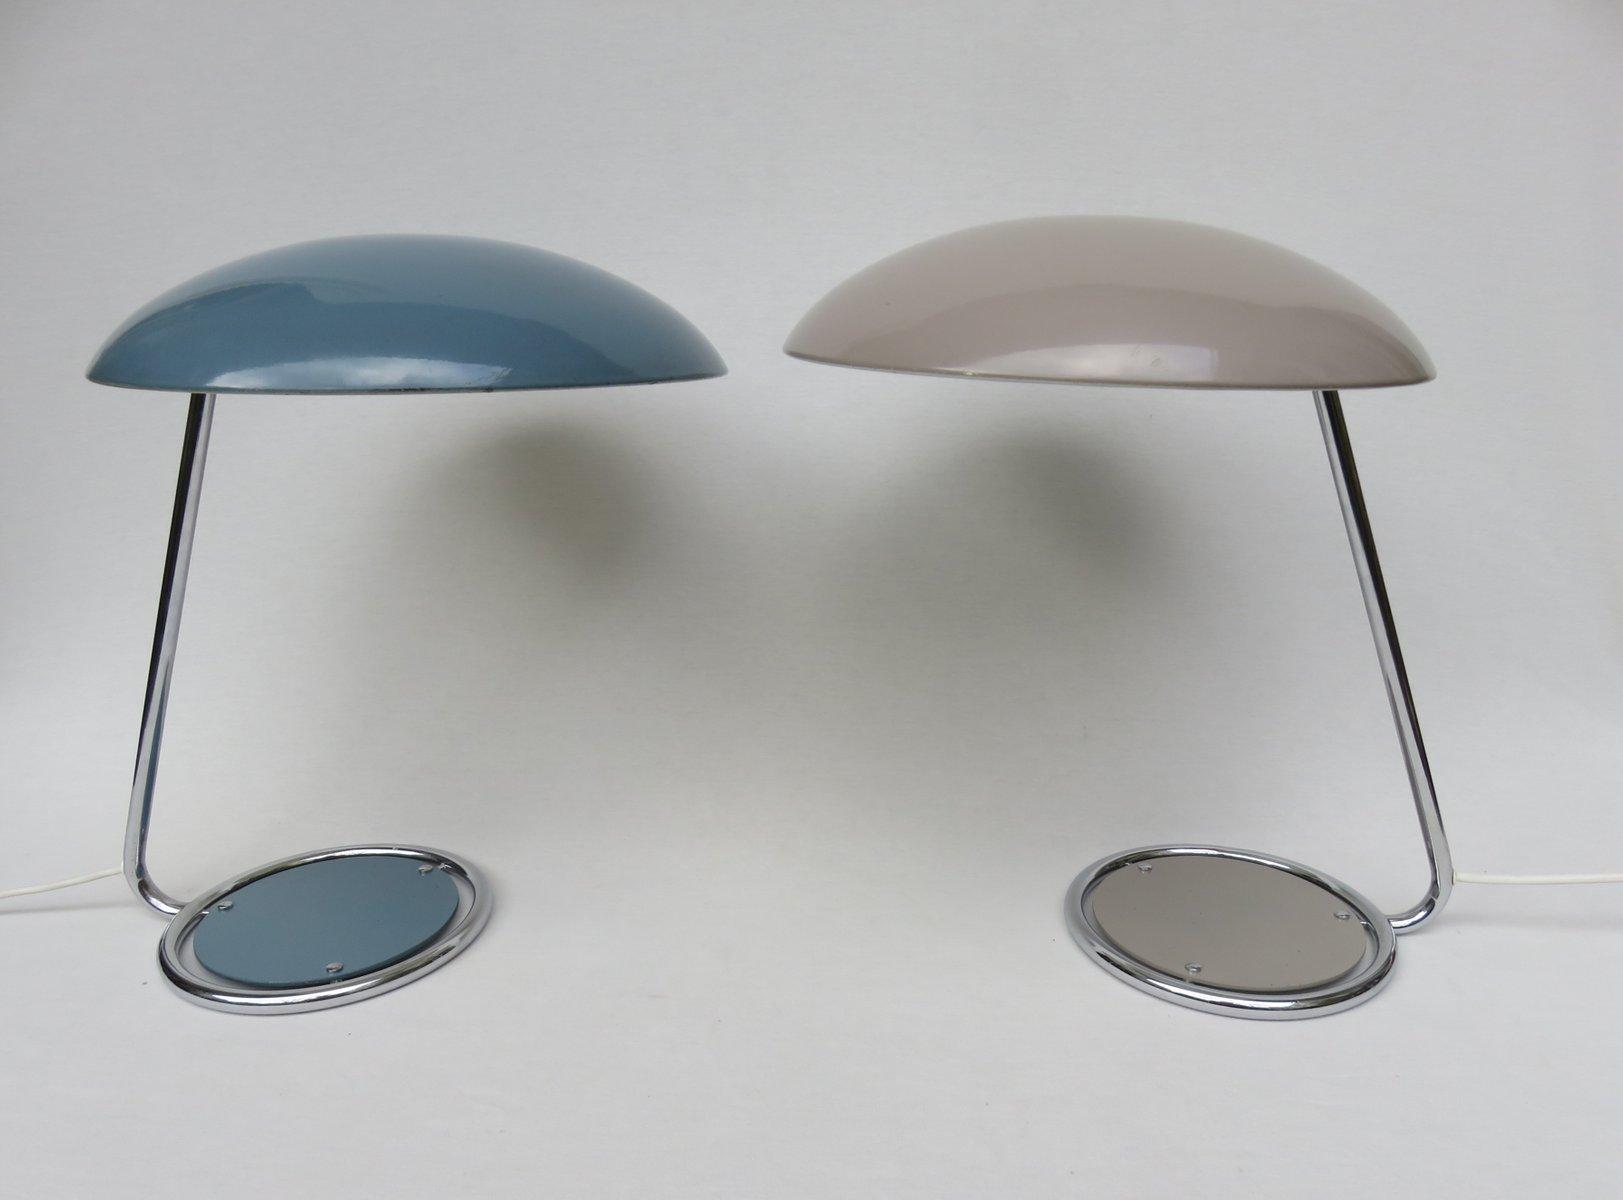 Altrosafarbene & blaue Tischlampen von Kaiser Leuchten, 1960er, 2er Se...